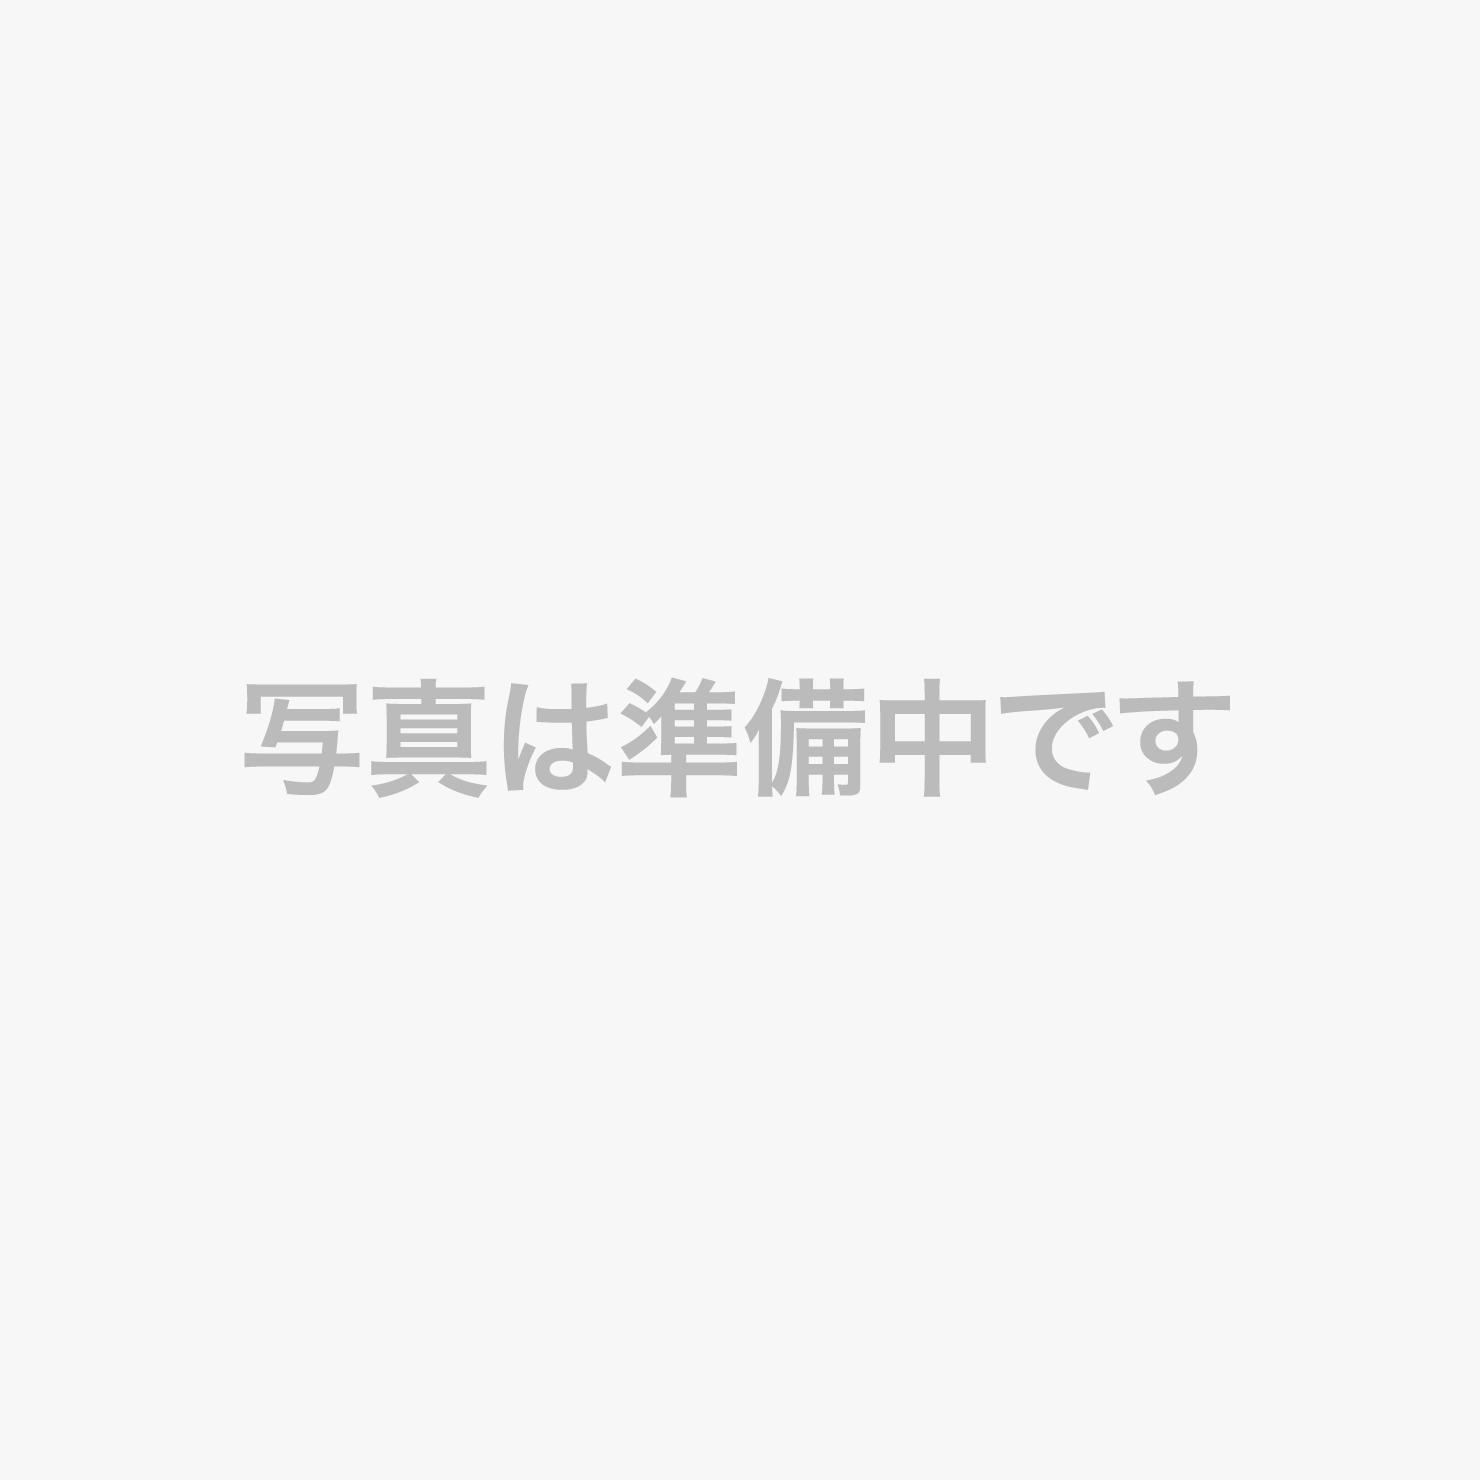 【アネックスタワー】チャギントンルーム(禁煙/和洋室)